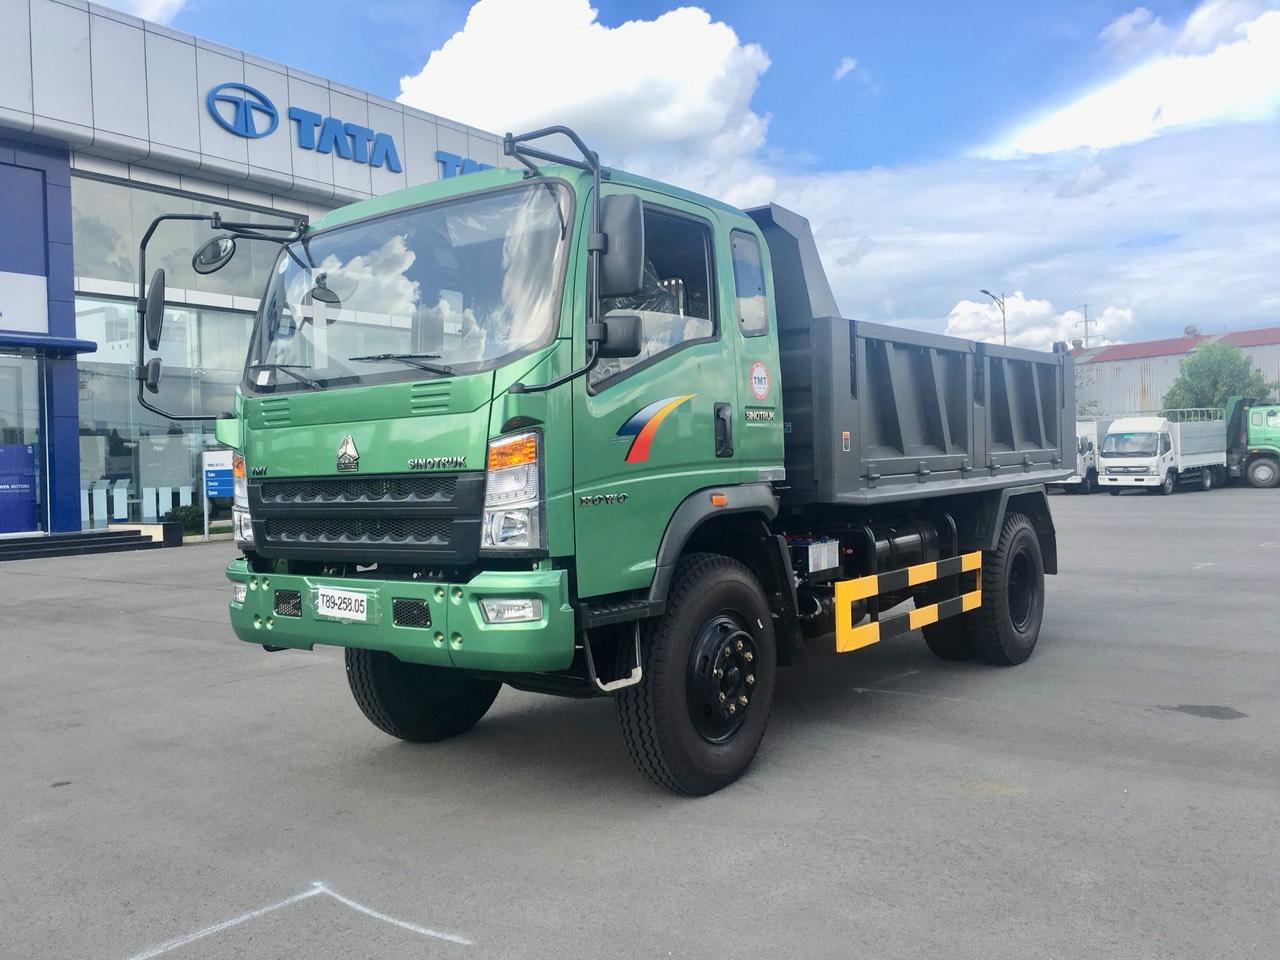 Giá Xe Ben Howo SinoTruck ST10590D 9 Tấn 2019 Hỗ Trợ Vay 80%